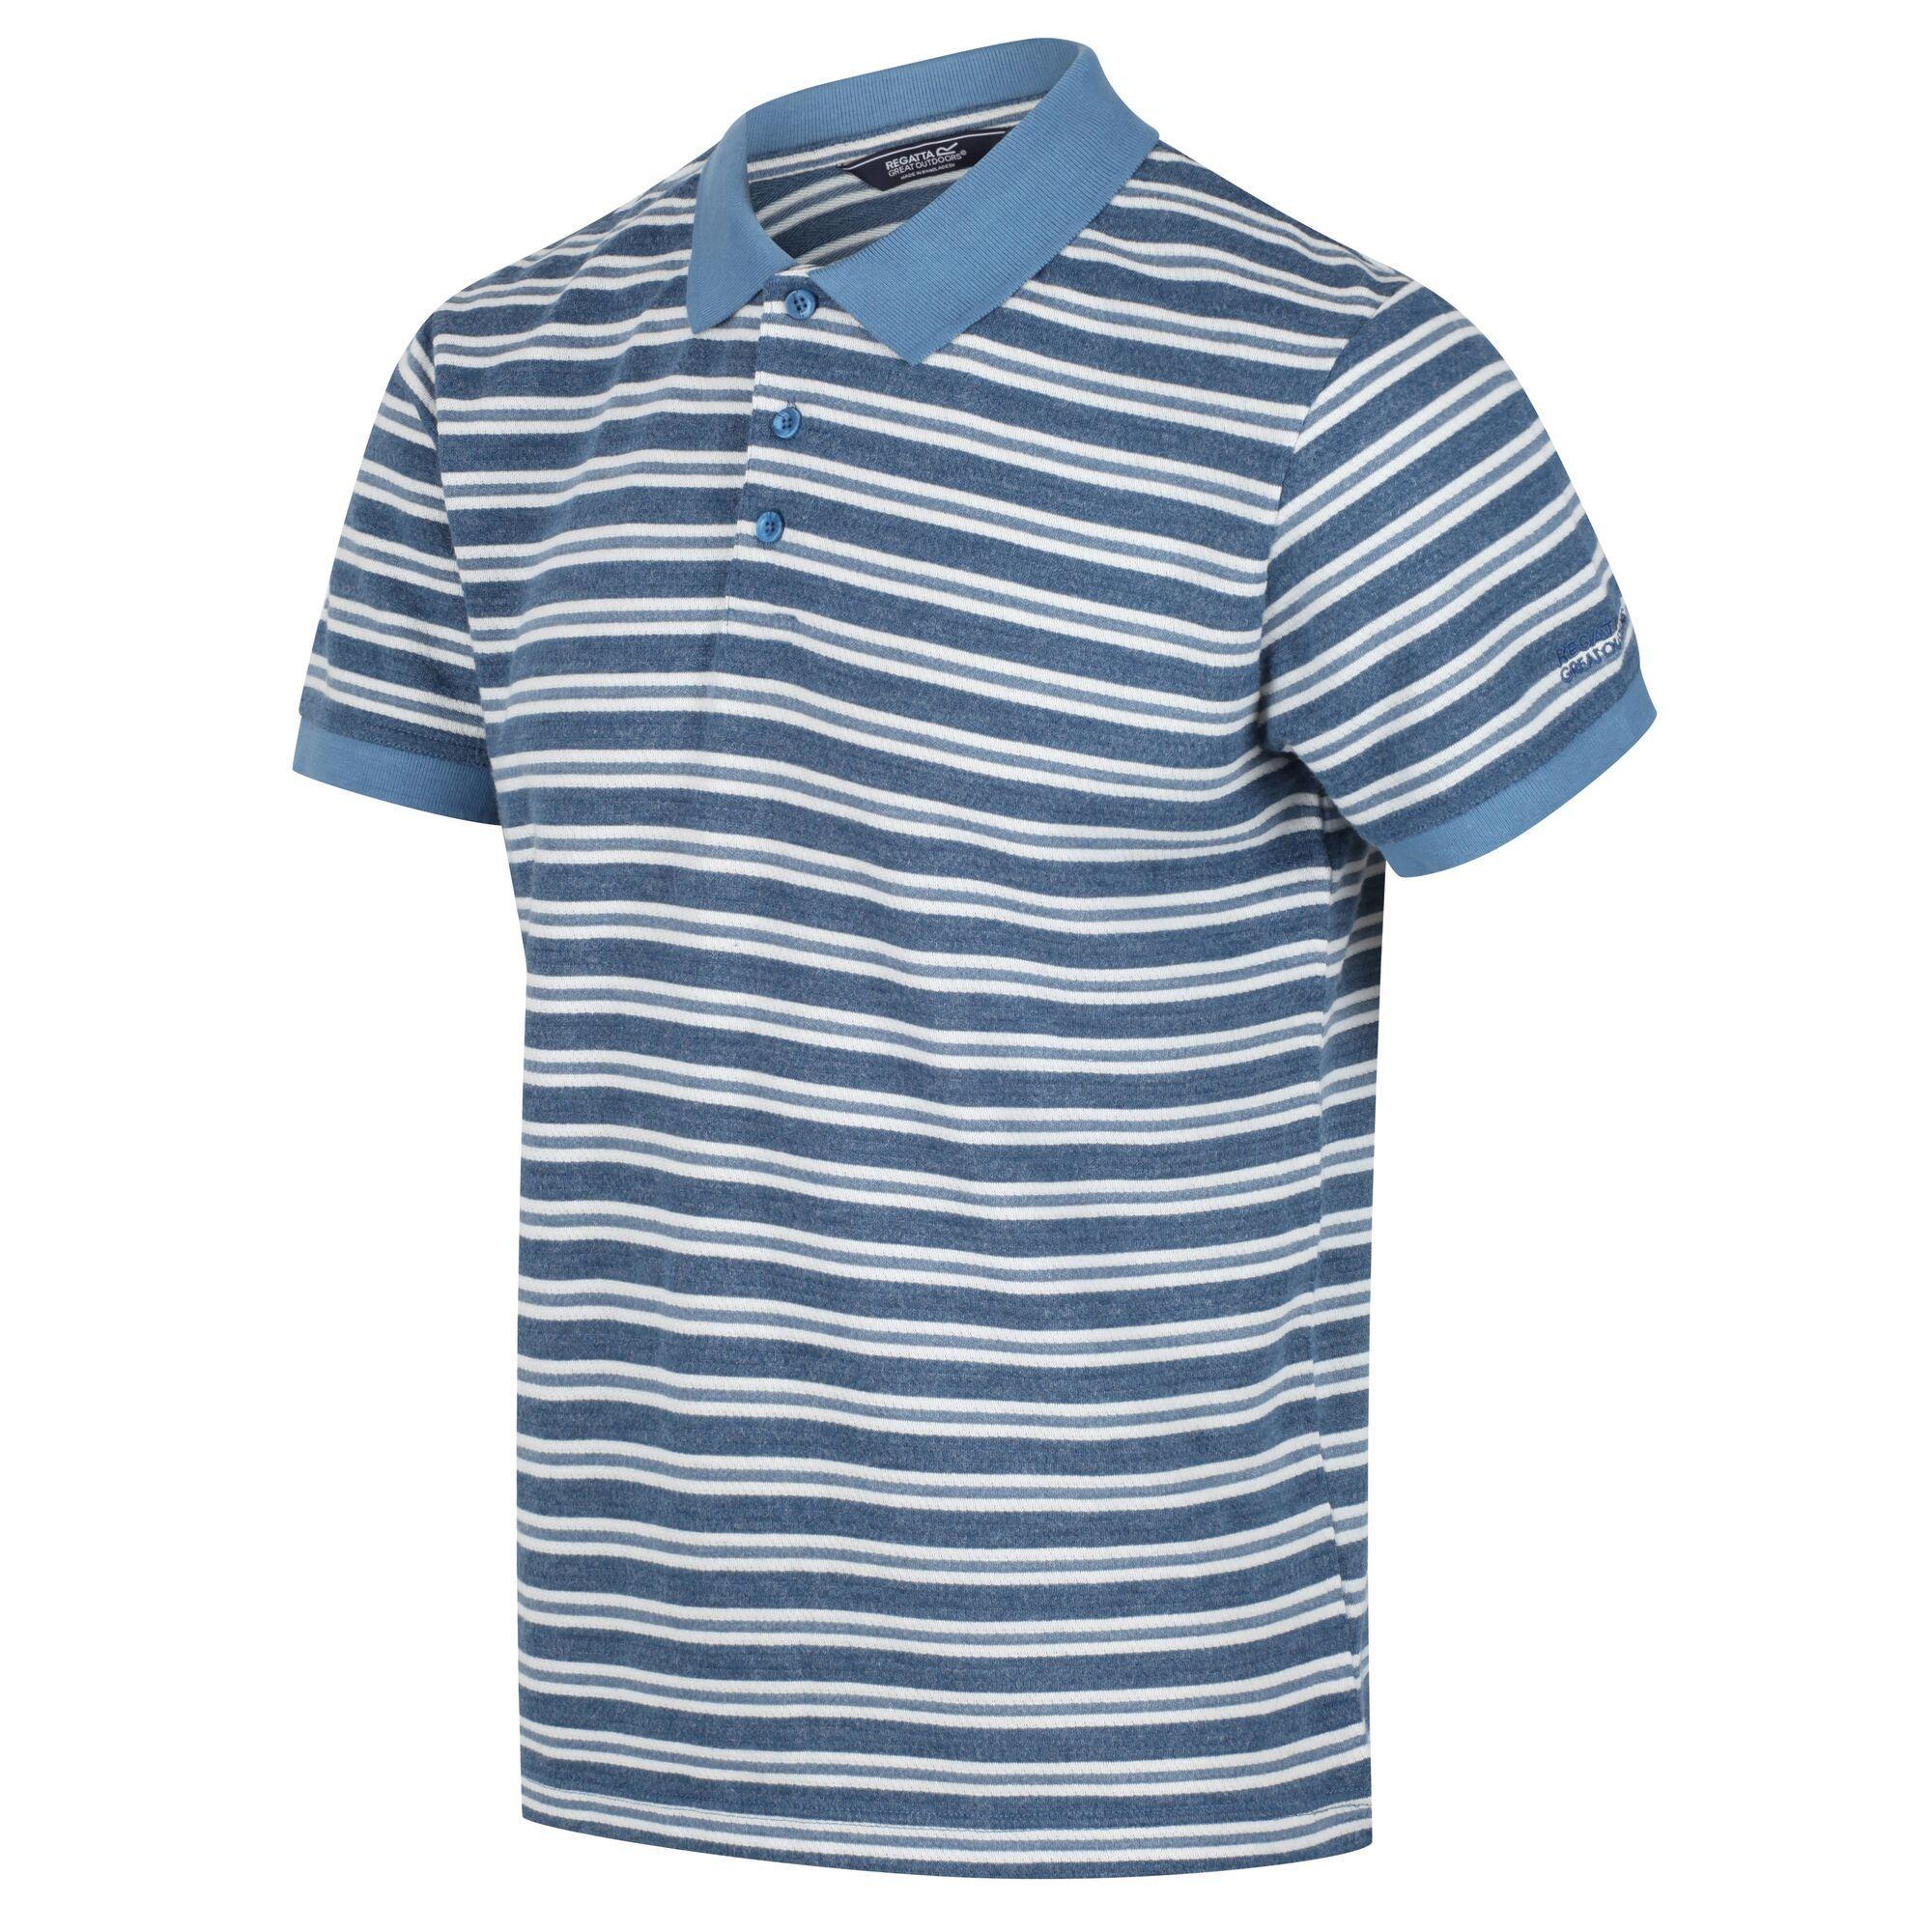 Men's Malak Striped Polo Shirt Stellar Stripe